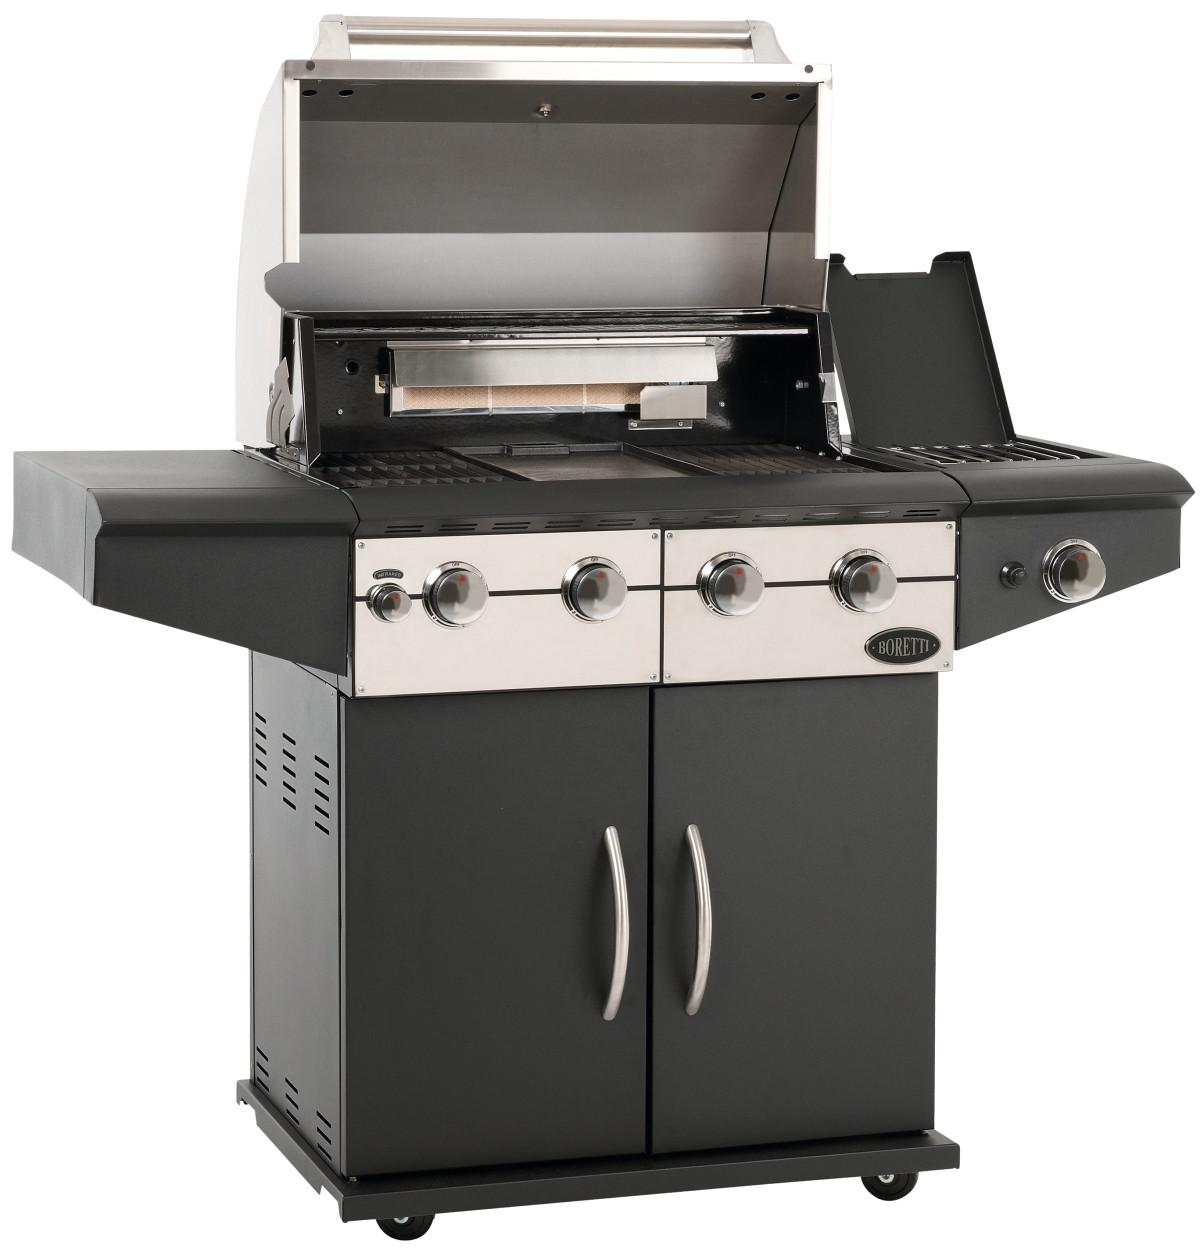 Barbecues Boretti Da Vinci Nero